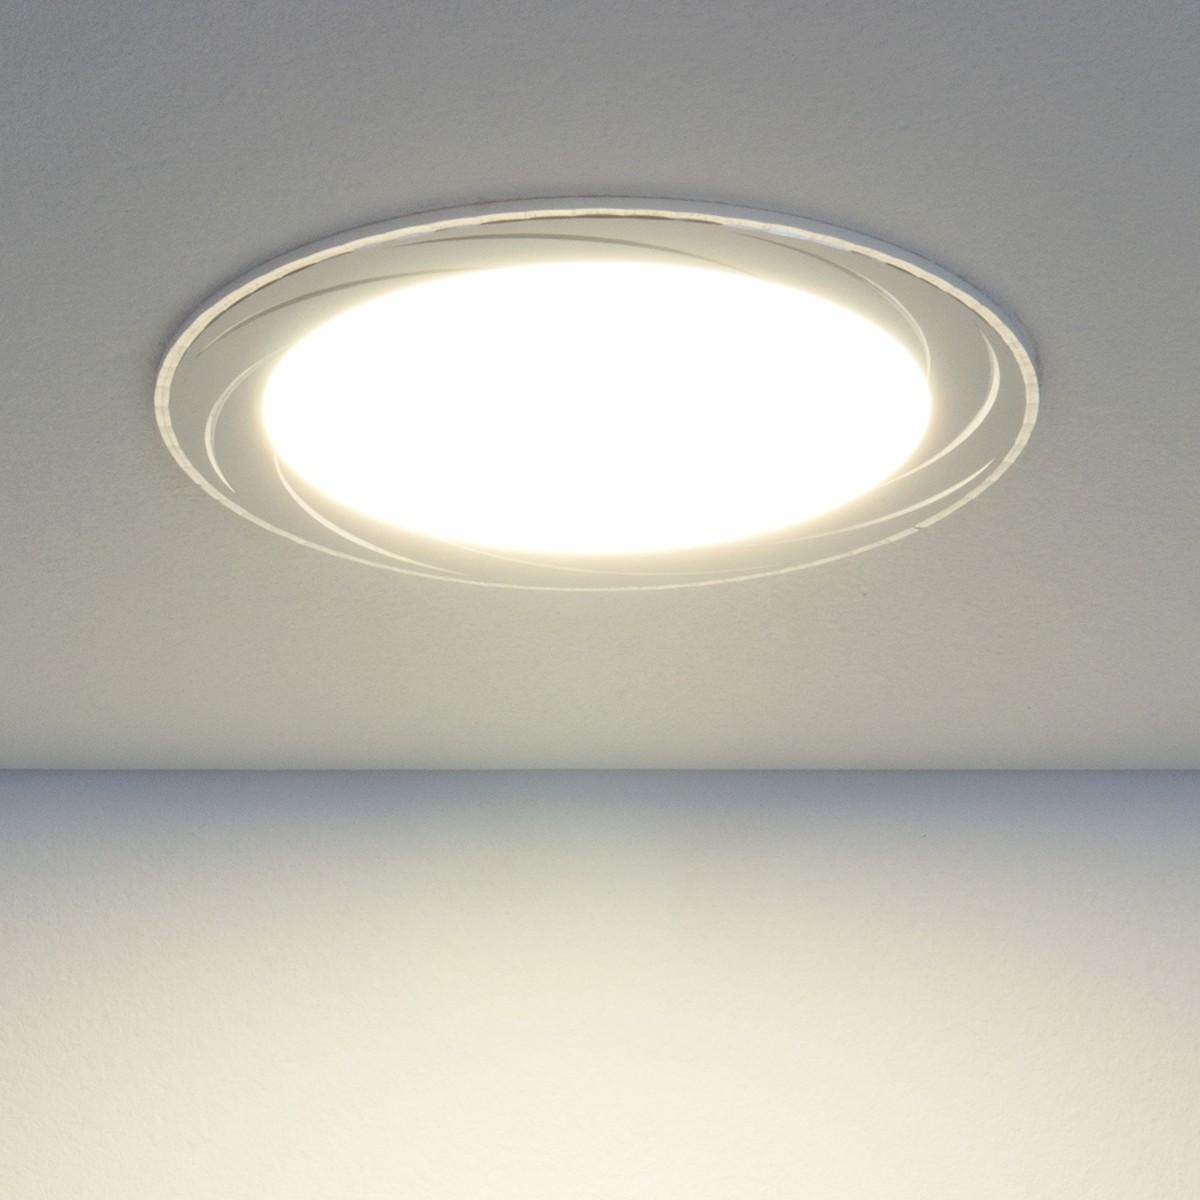 Фото Встраиваемый светильник Elektrostandard Downlight a035362